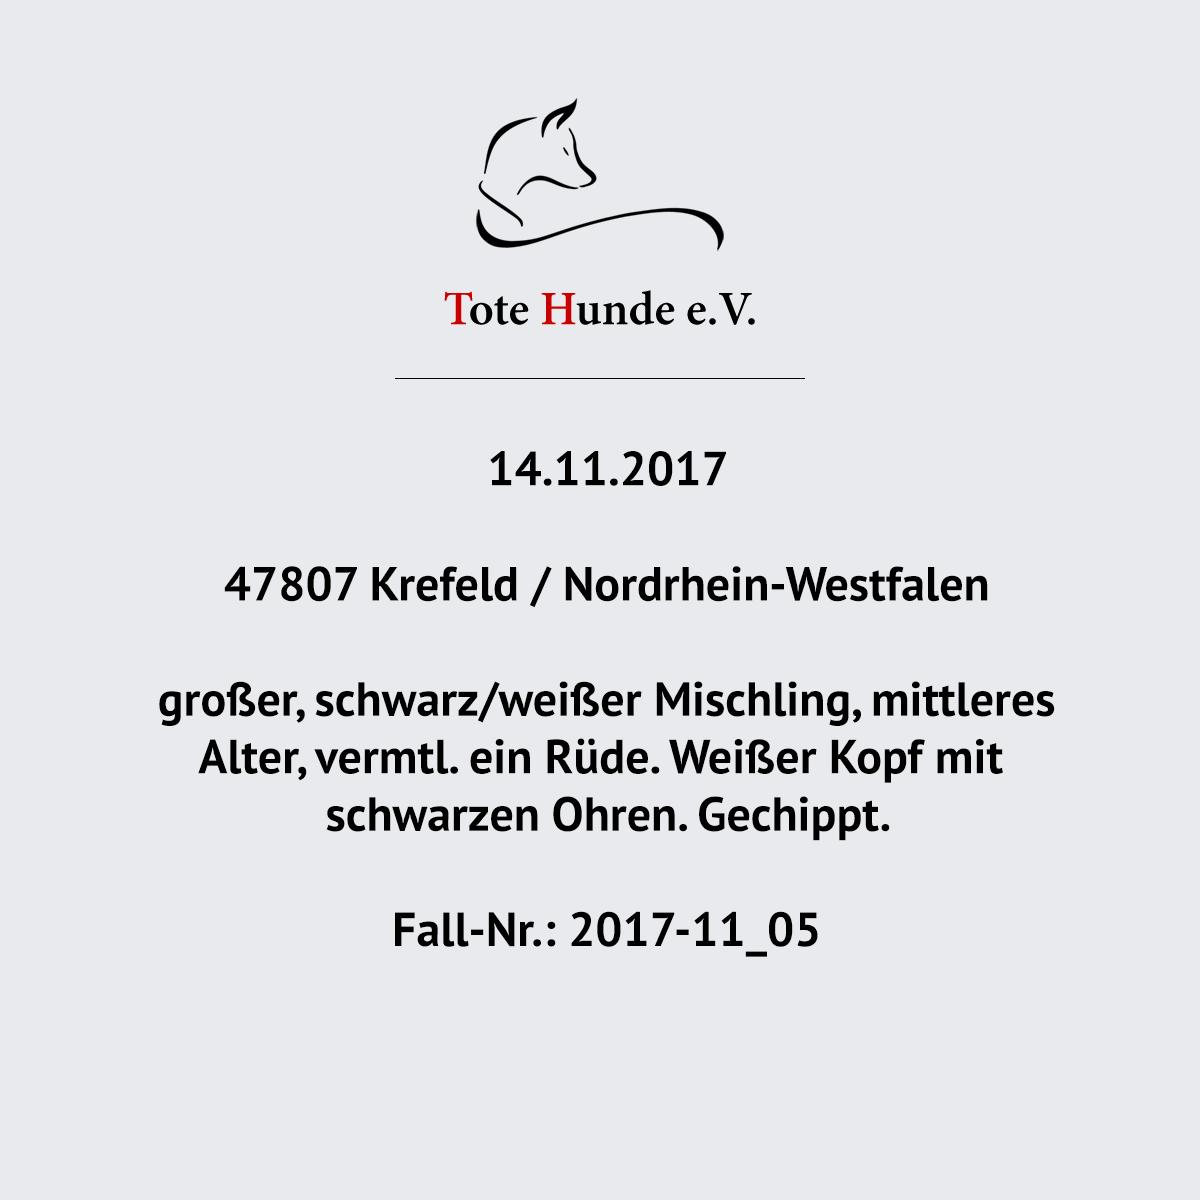 201711: Großer, Schwarz